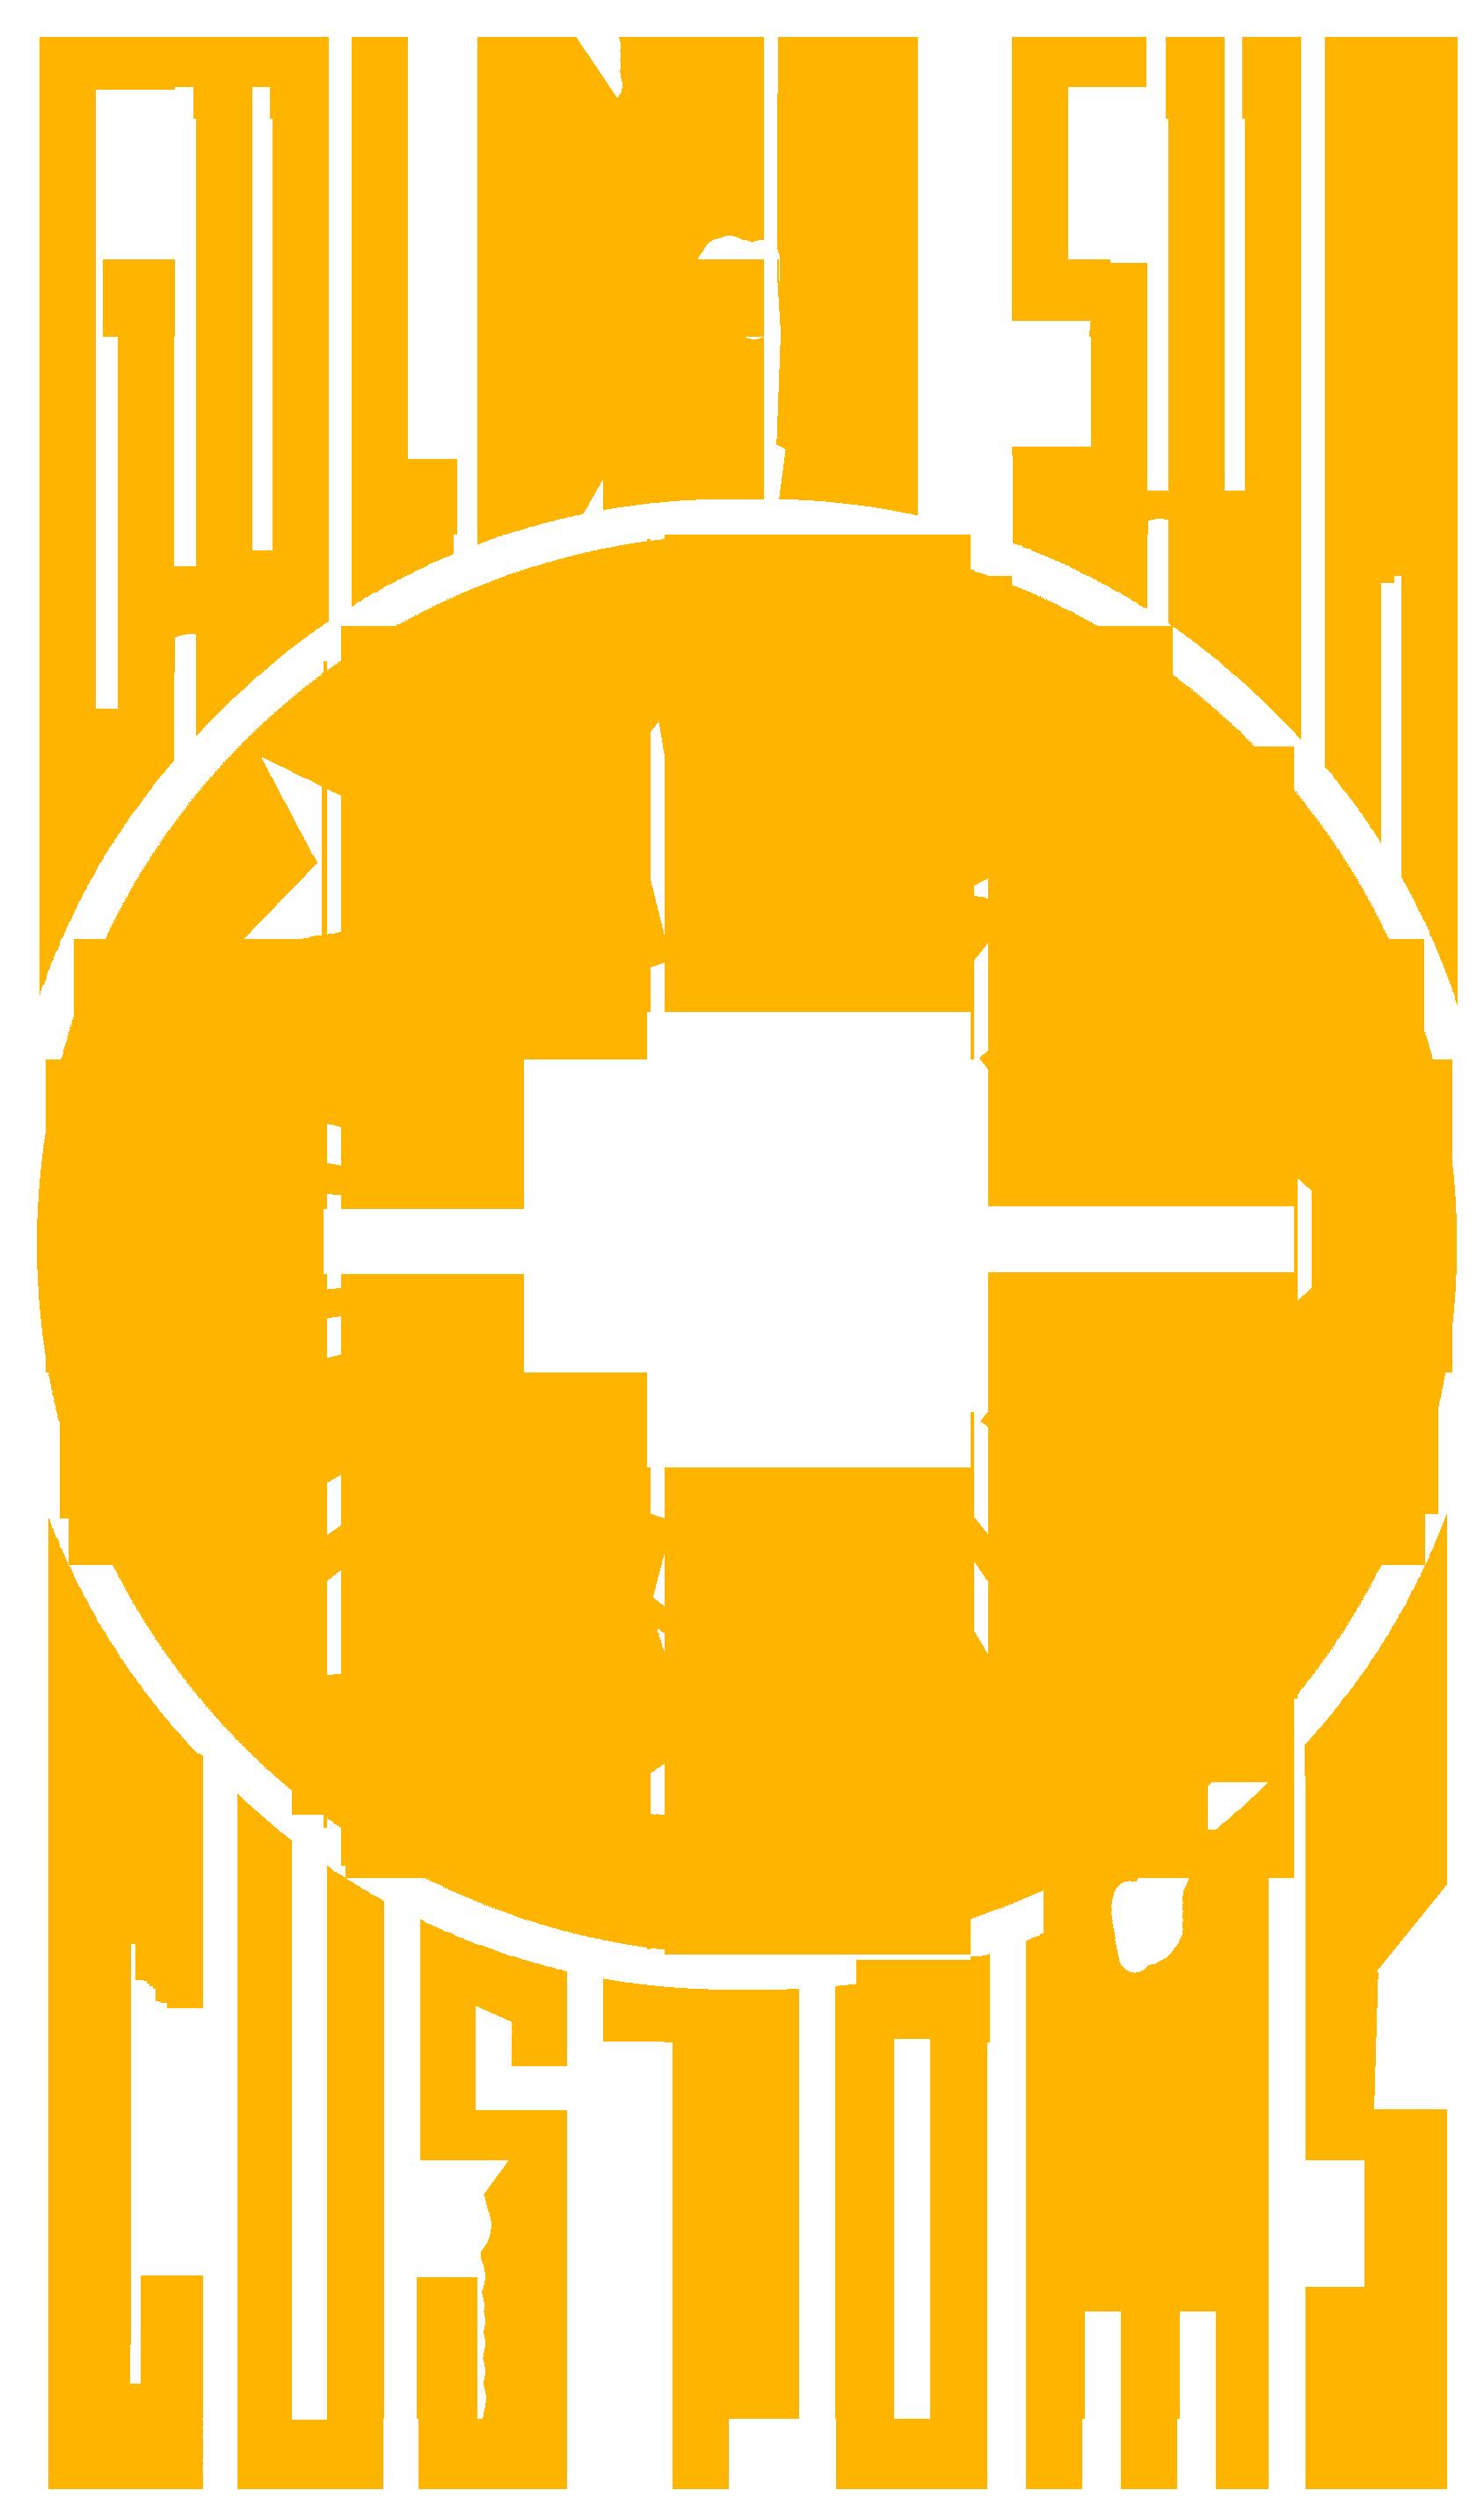 golden_sun1.png